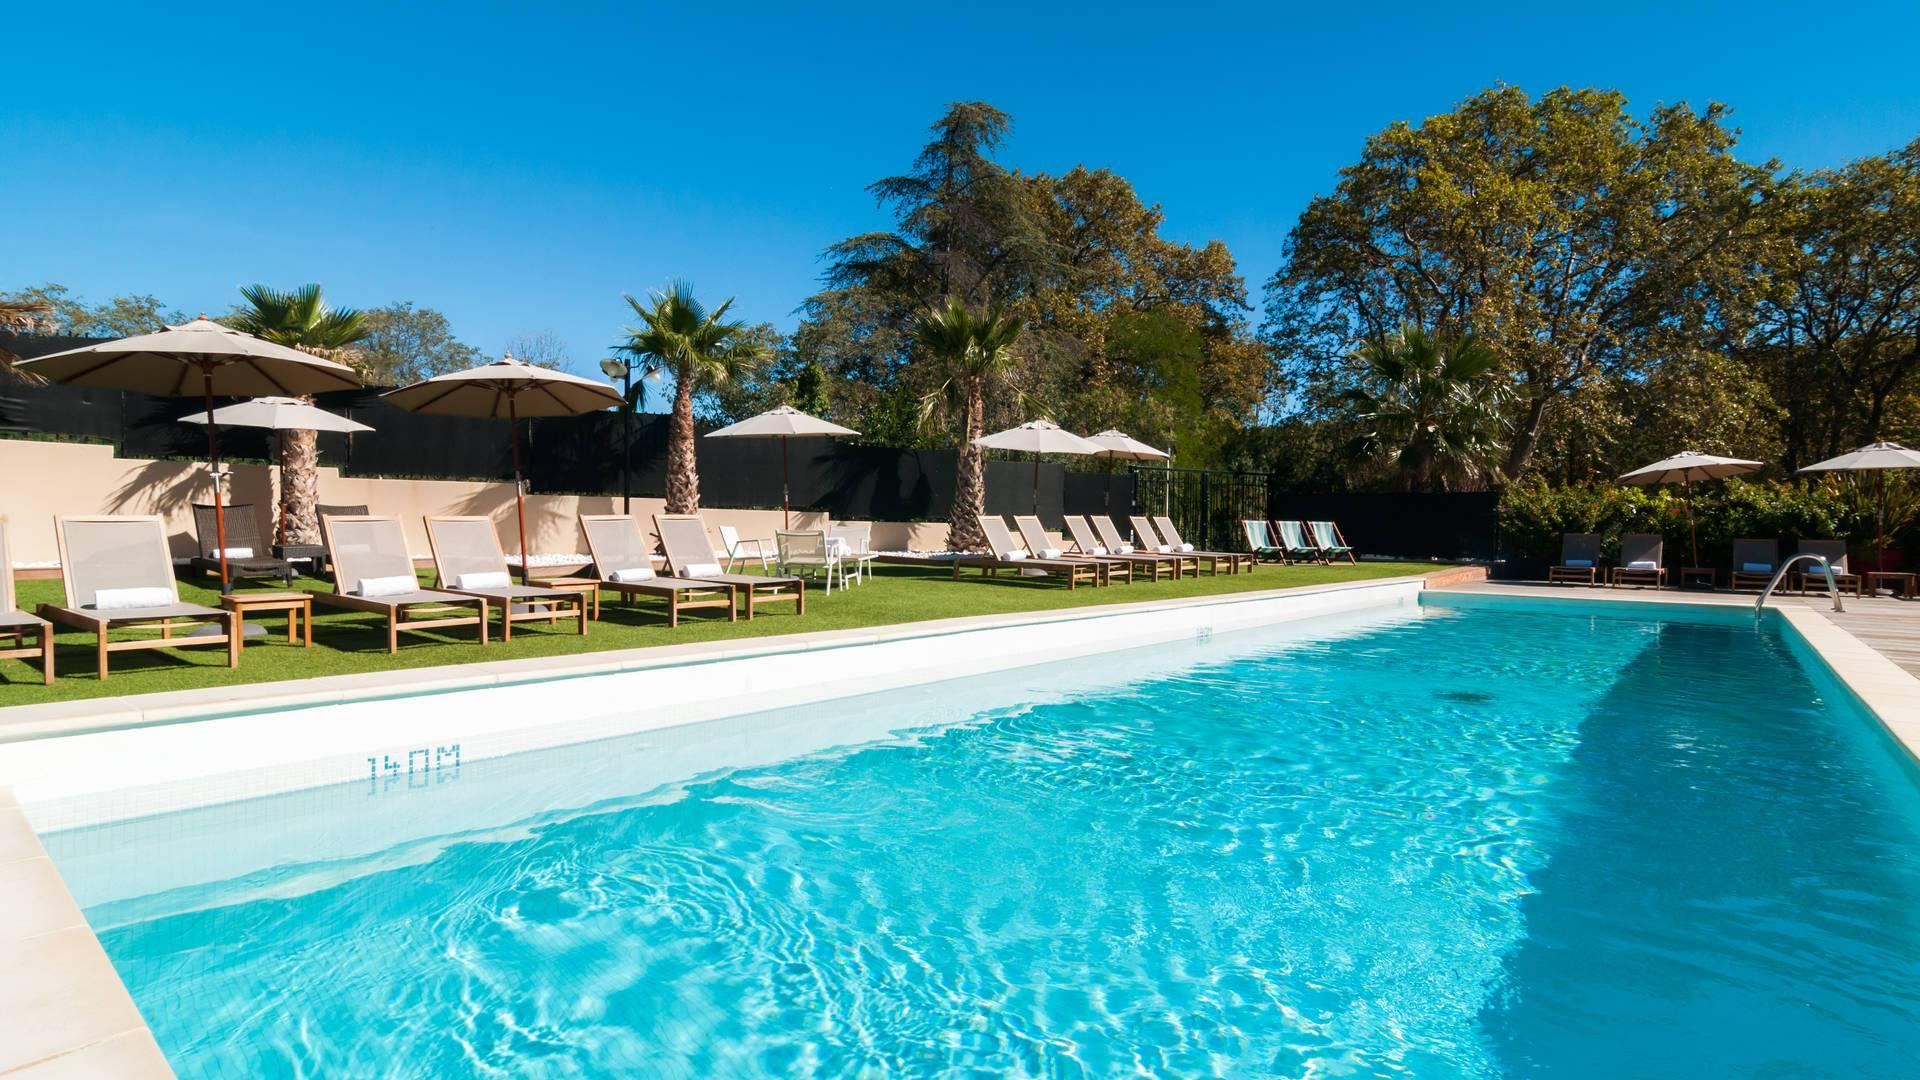 hotel-spa-de-fontcaude-juvignac-montpellier-occitanie-piscine